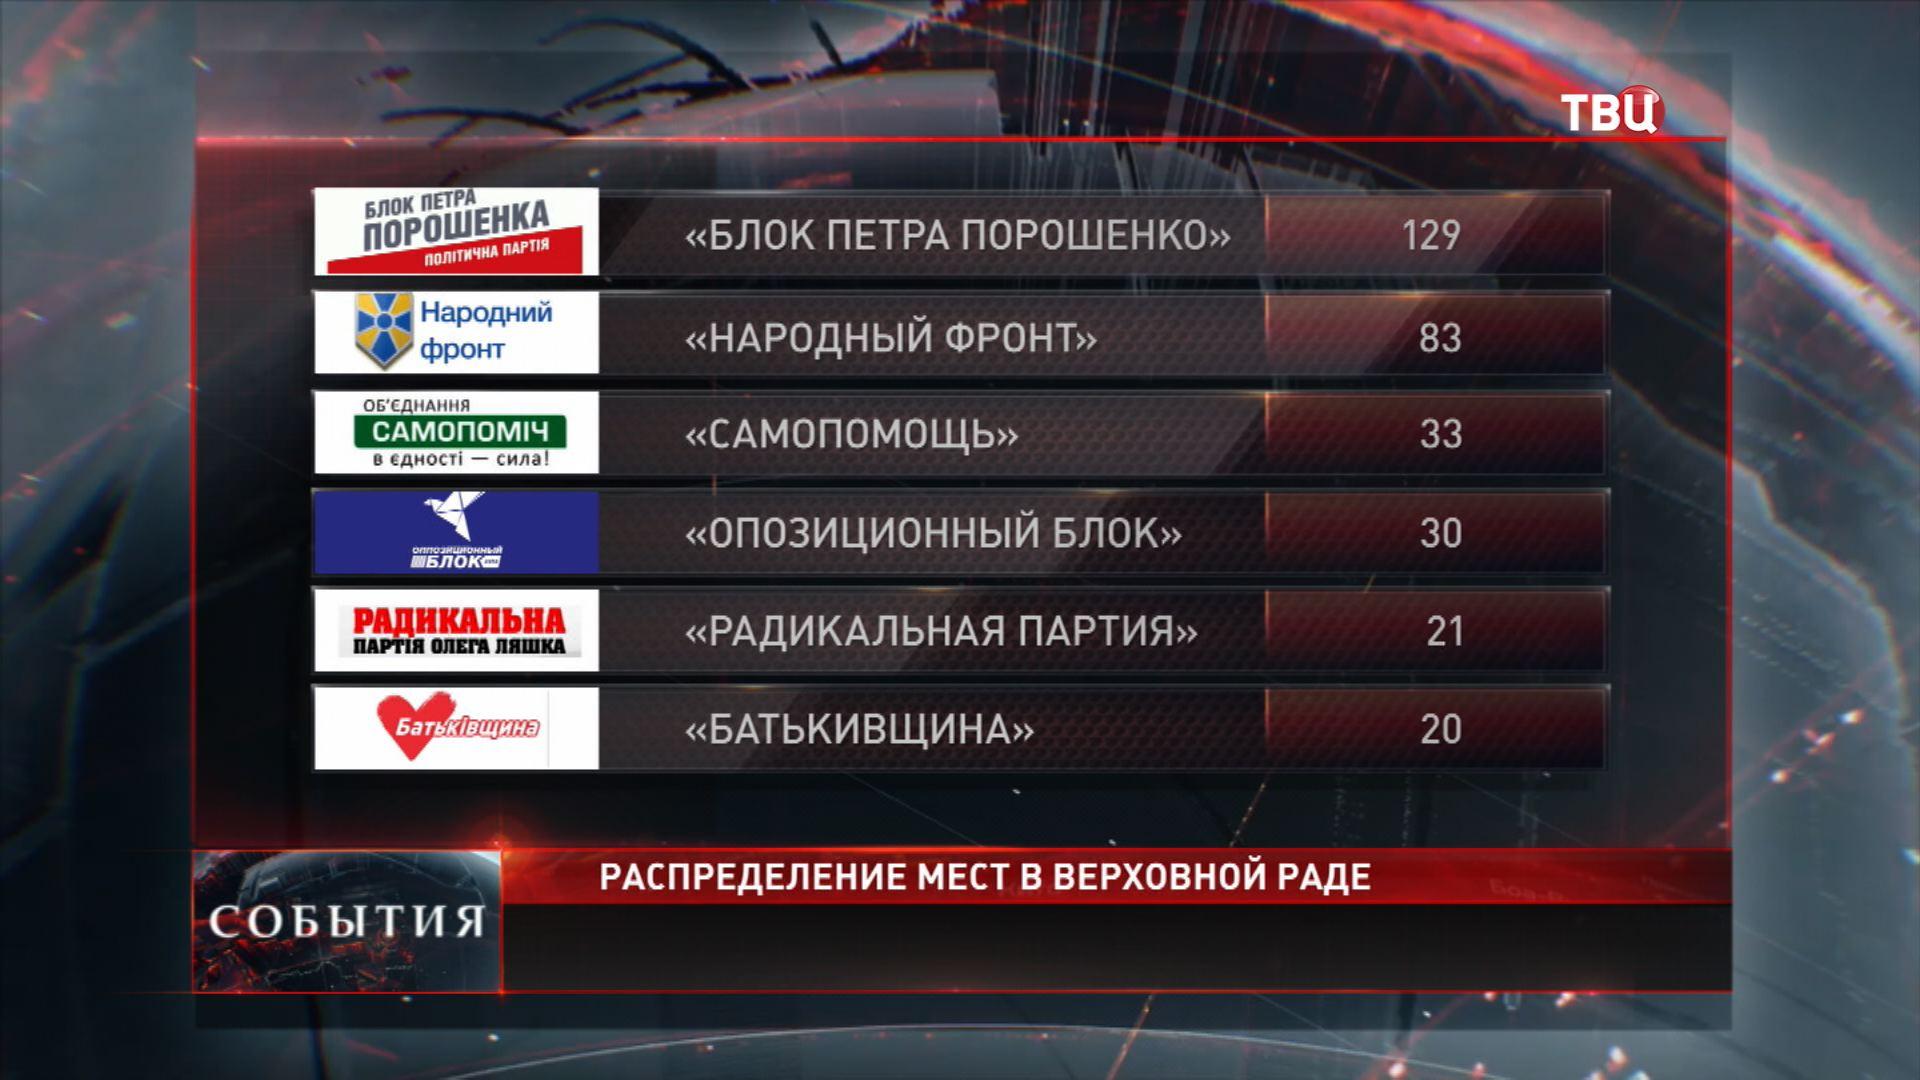 Блок Петра Порошенко займёт в Раде почти 130 мест